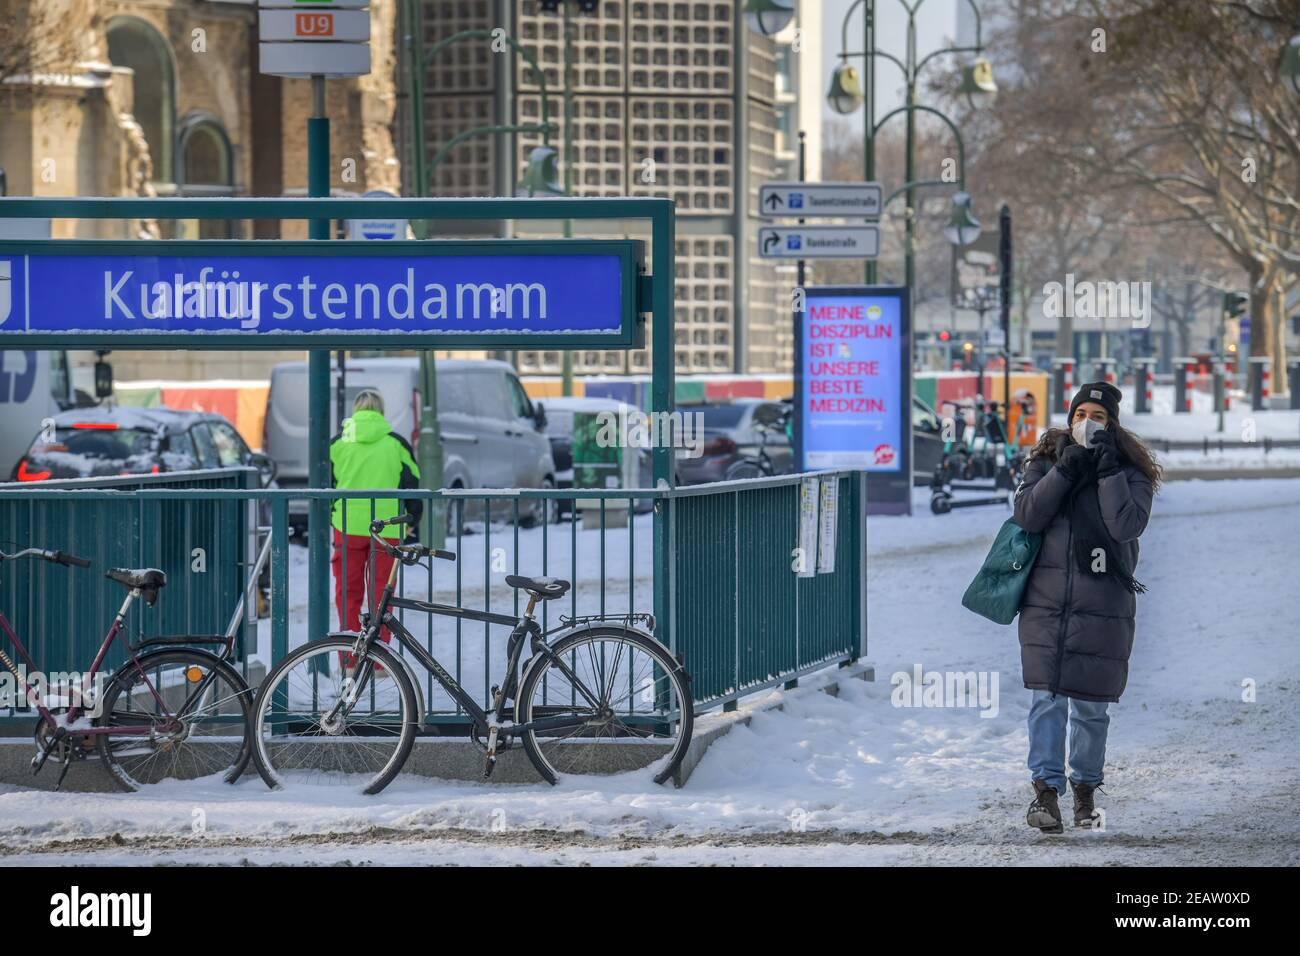 10.02.2021. Menschenleerer Kudamm Lockdown zu Corona-Zeiten, Charlottenburg, Berlin, Deutschland Stock Photo